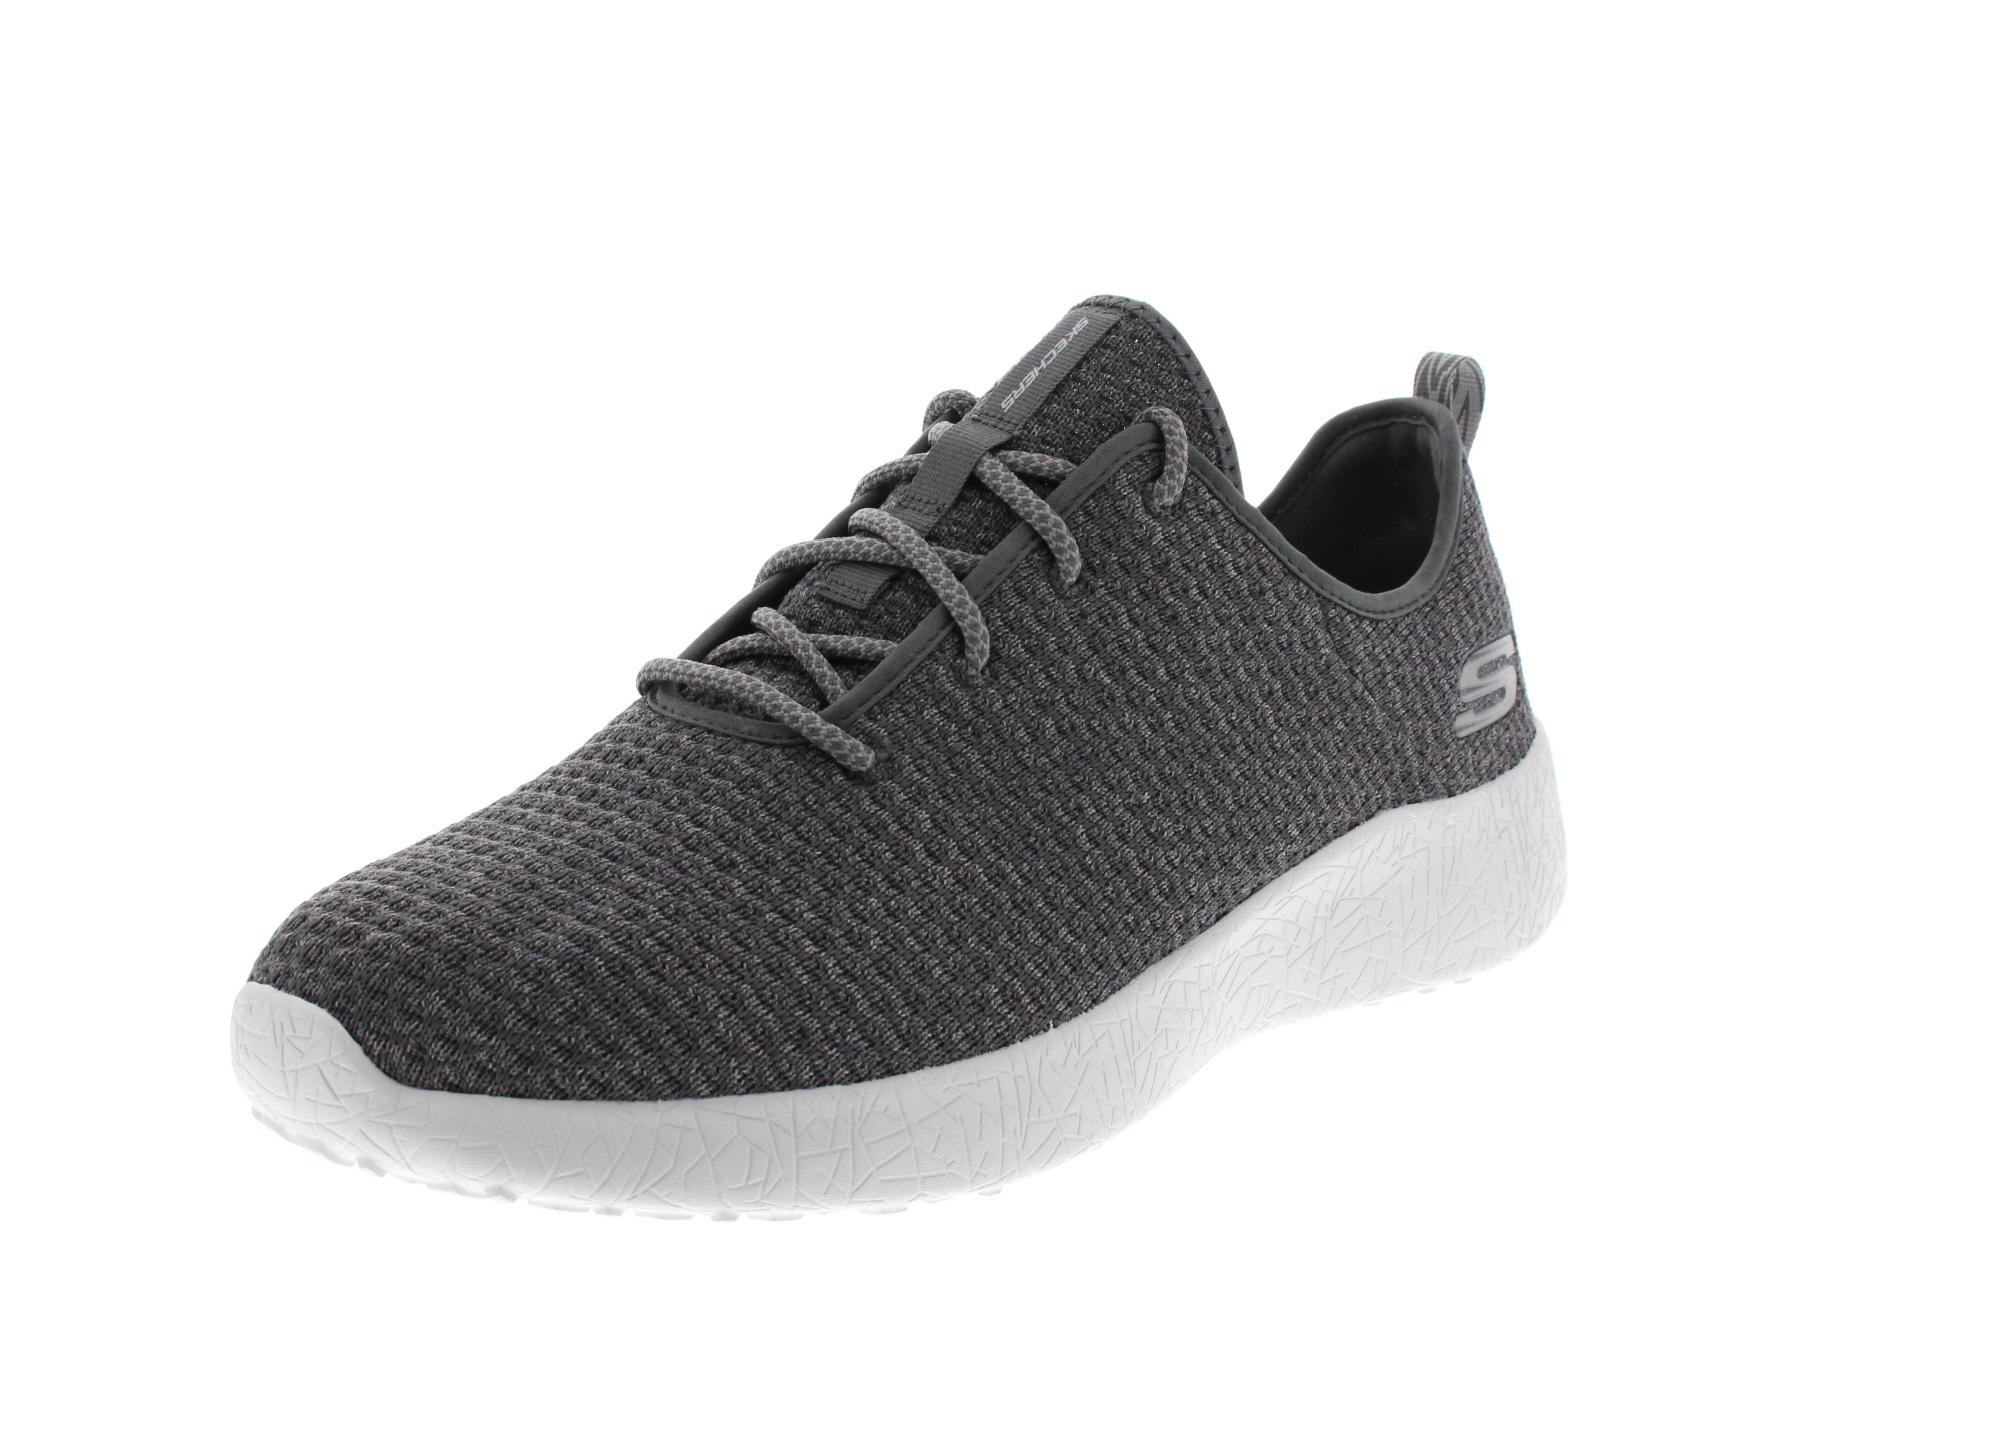 SKECHERS in Übergröße Sneakers BURST DONLEN 52114 CHAR